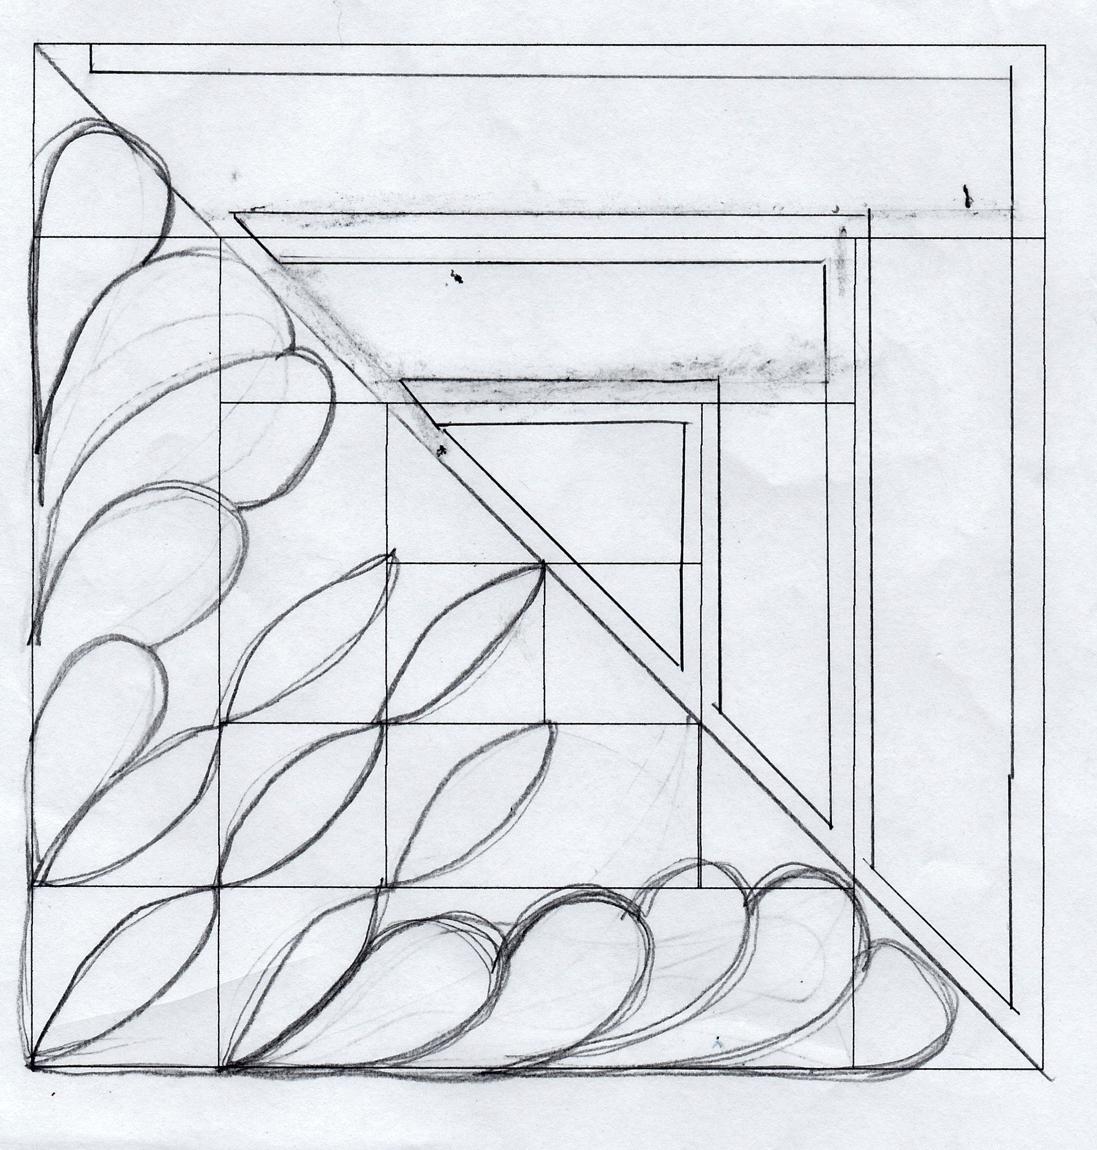 Elegant Block Quilting Diagram